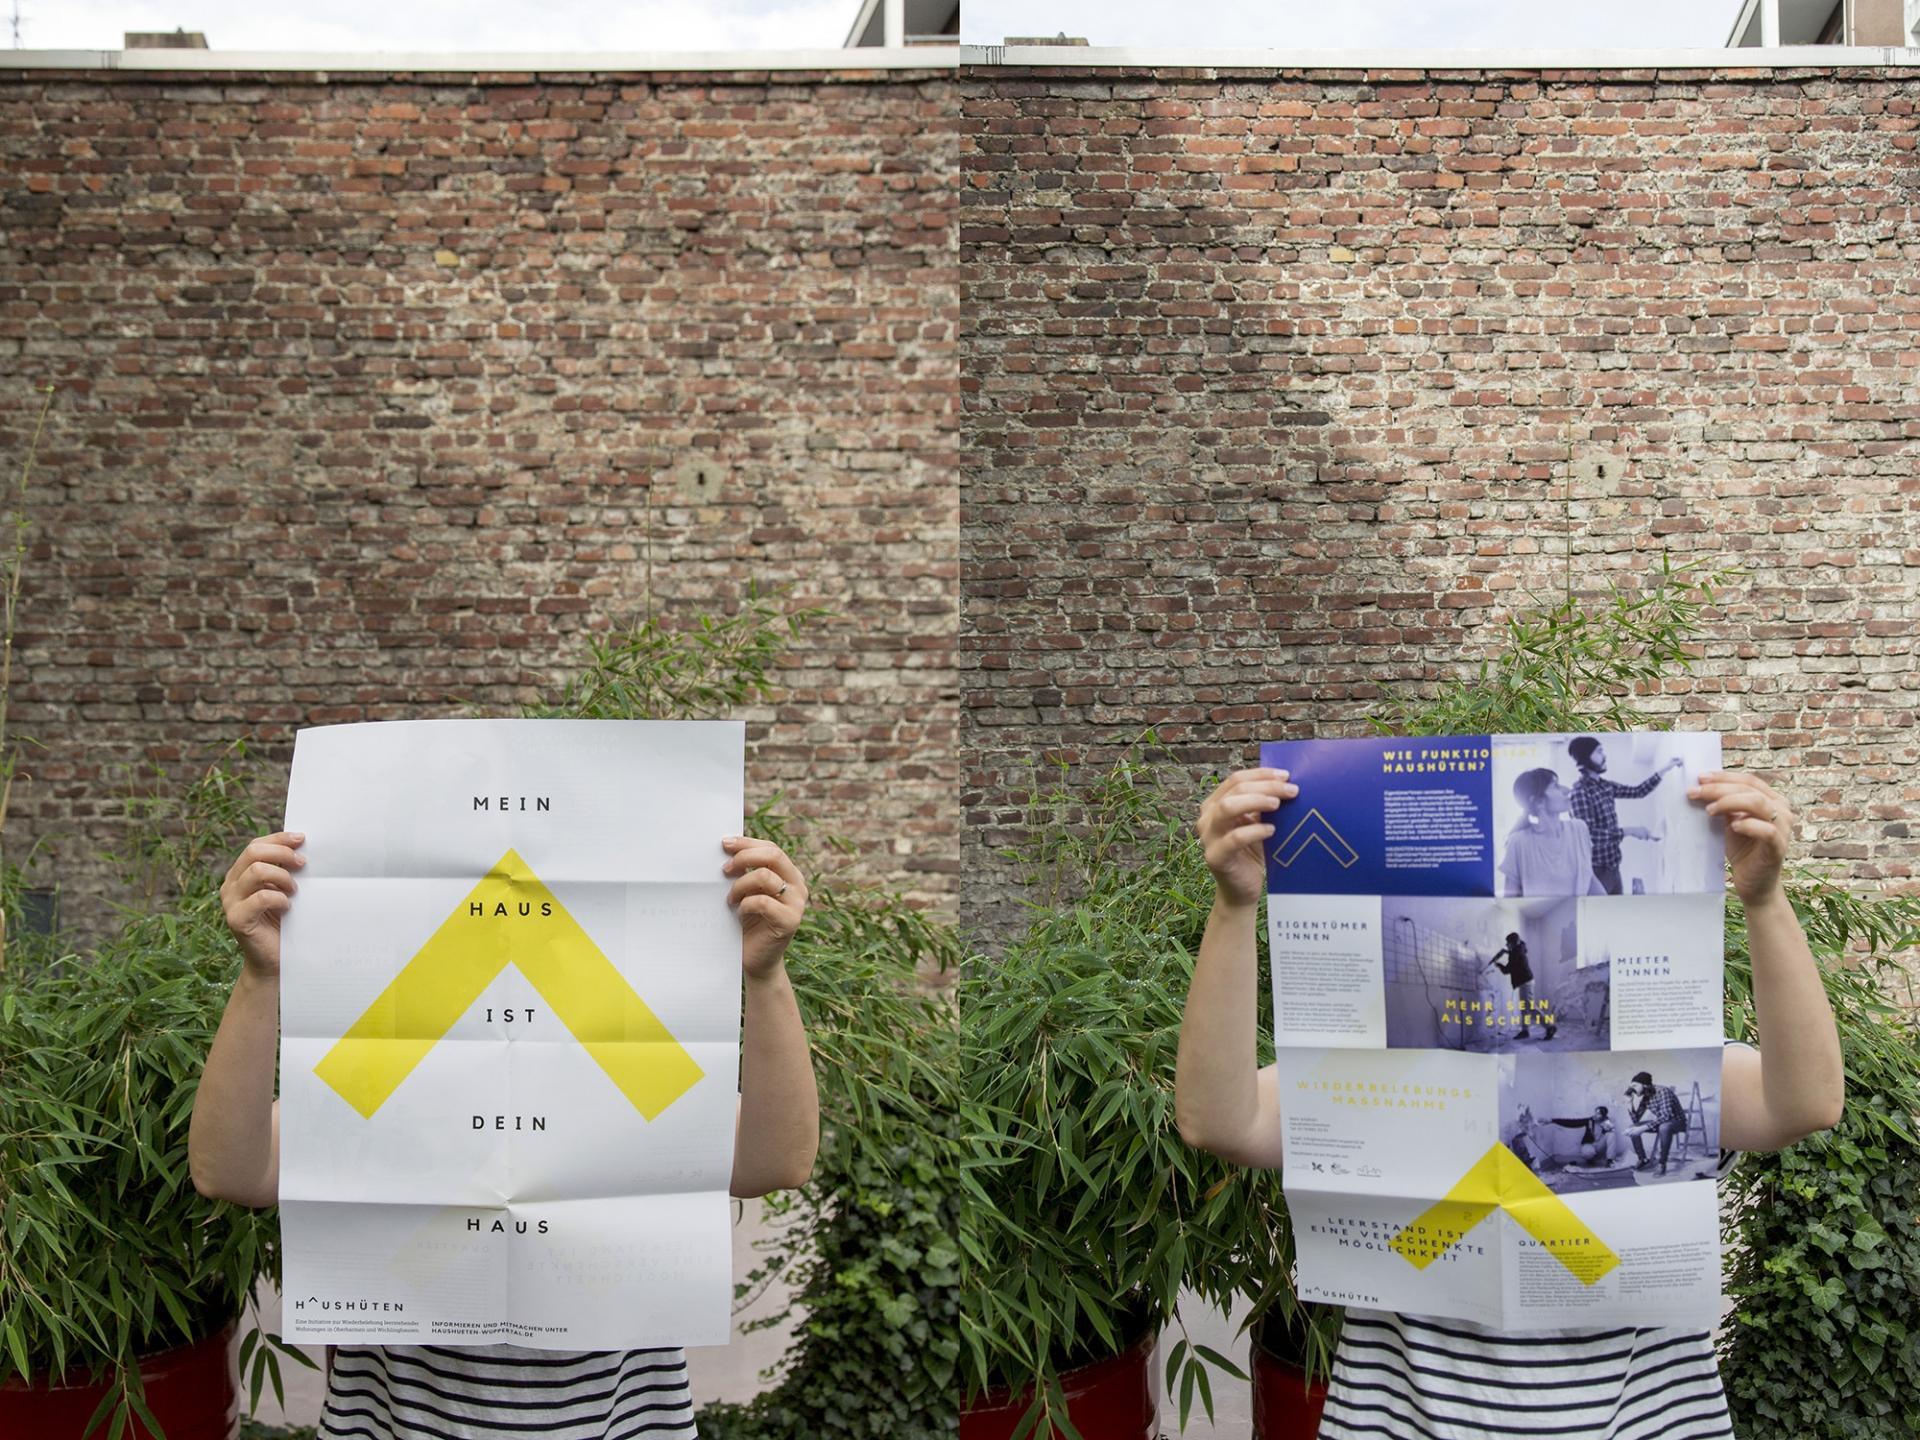 BüroBayer – Grafikdesign, Webdesign, Corporate Design aus Dortmund - Büro für Gestaltung ⤷ Haushüten